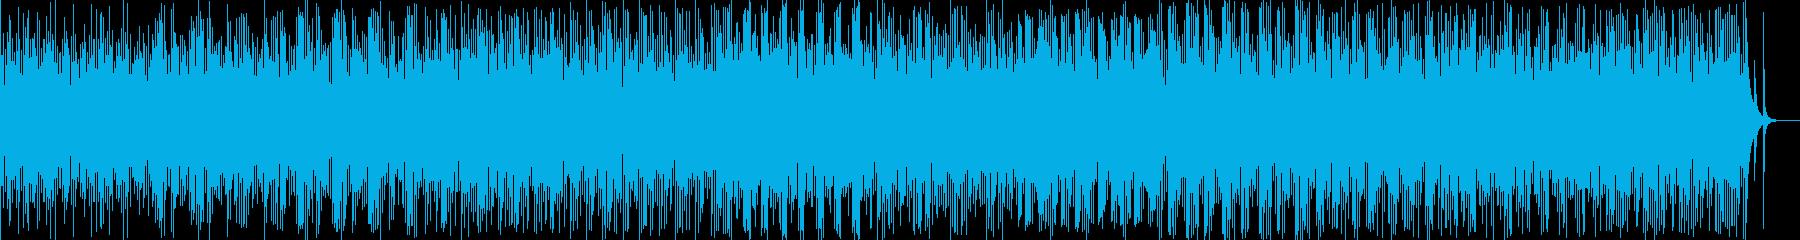 和風料理店に合う琴の音楽(琴のみ)の再生済みの波形